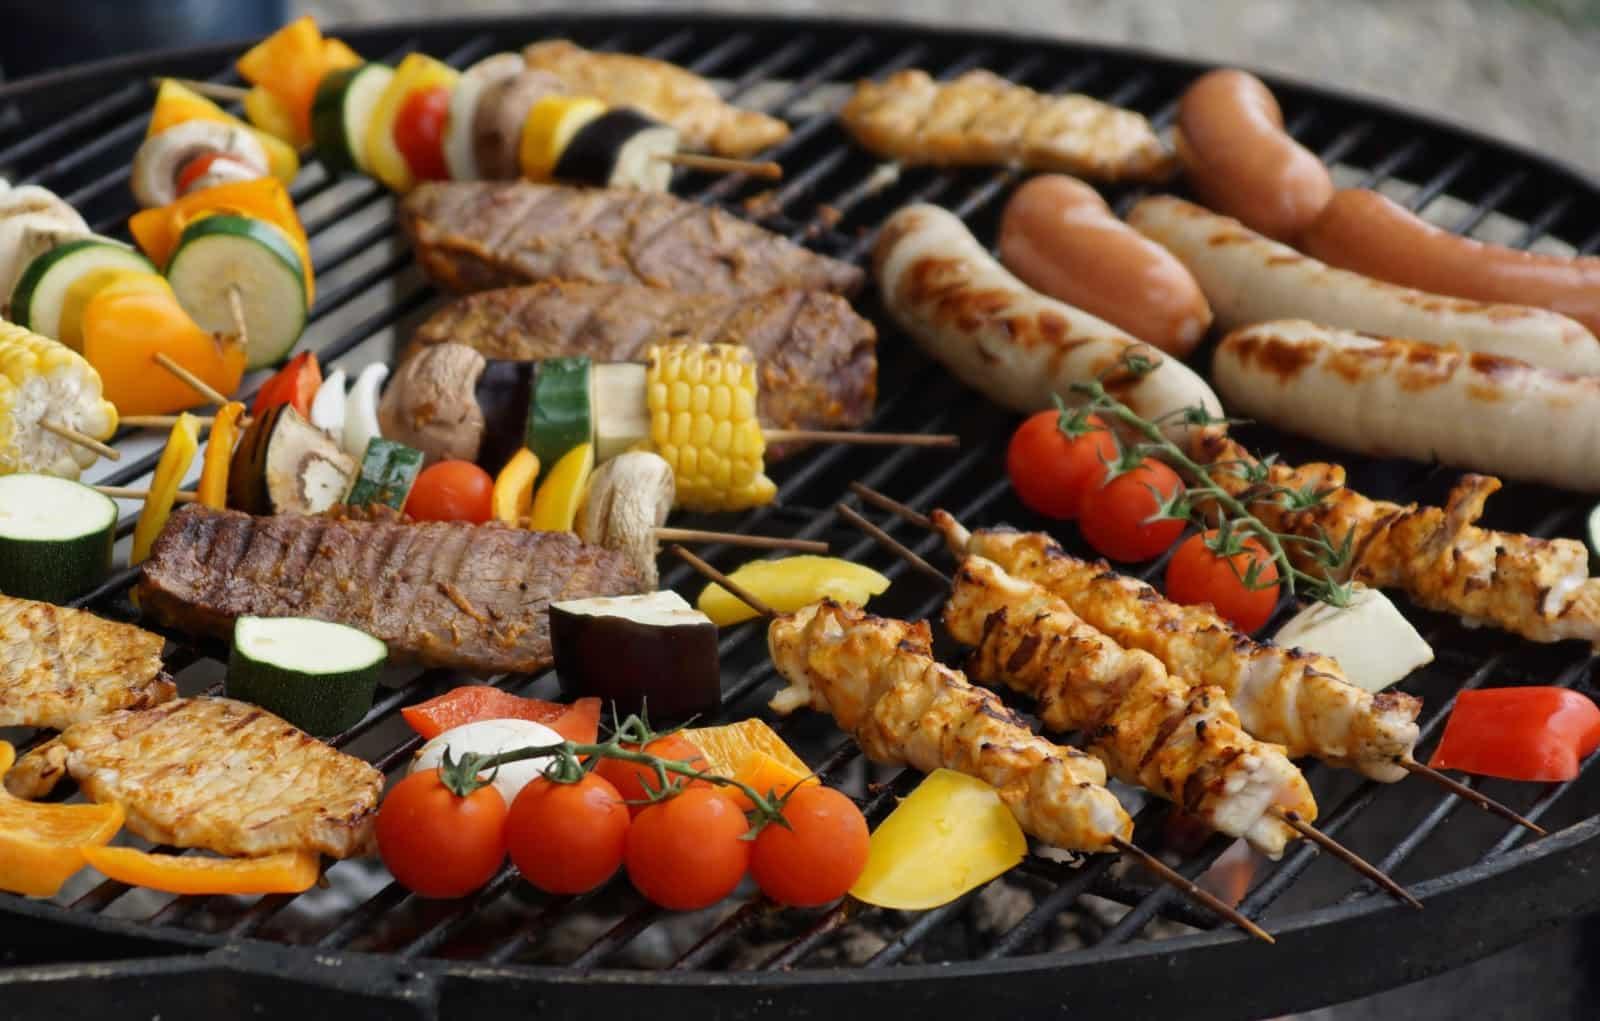 Grelha de churrasco com diversos tipos de carne em cima